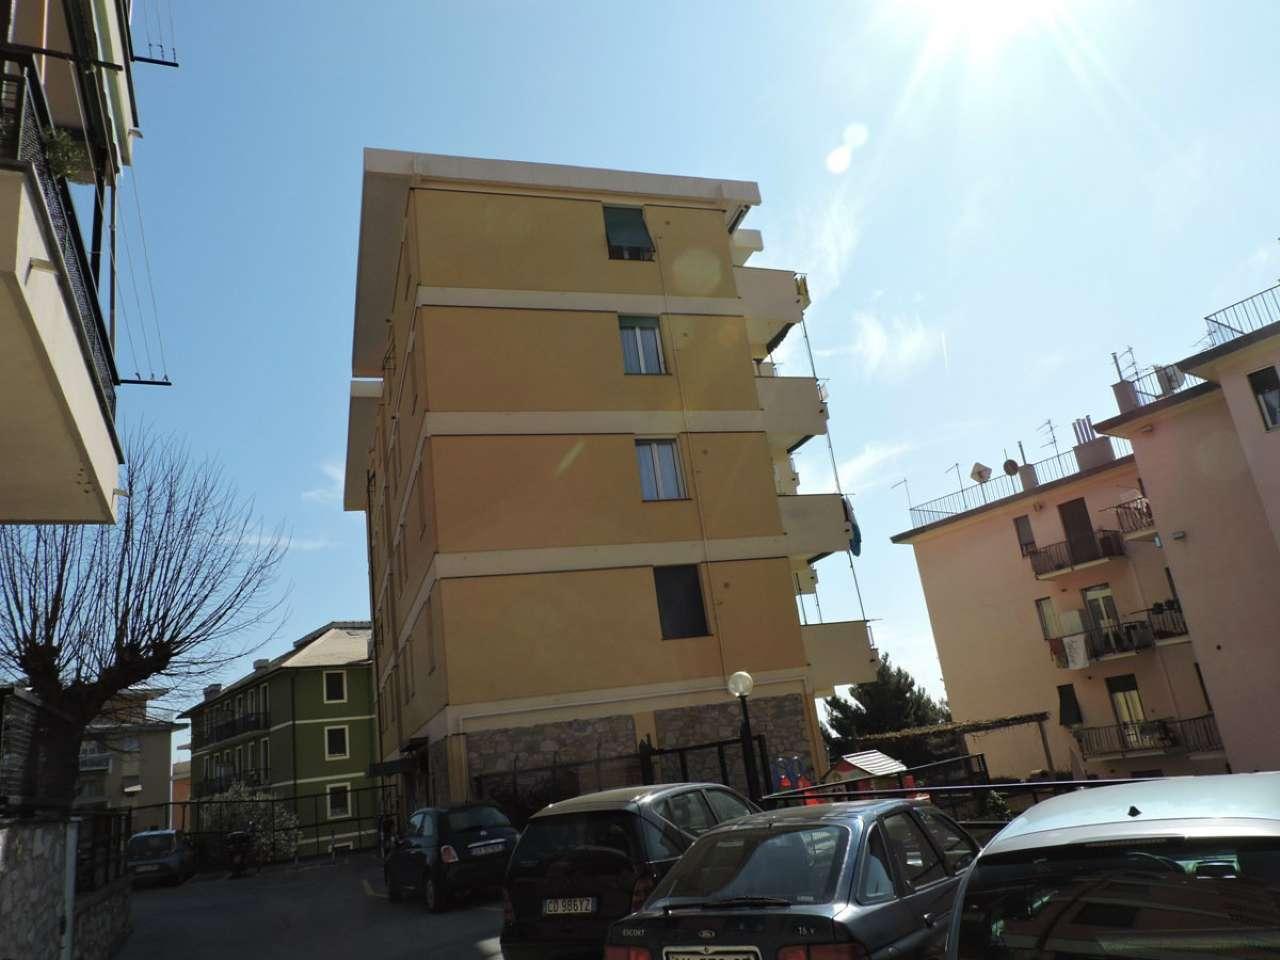 Appartamento in affitto a Genova, 3 locali, zona Zona: 8 . Sampierdarena, Certosa-Rivarolo, Centro Ovest, S.Teodoro, prezzo € 400 | Cambio Casa.it